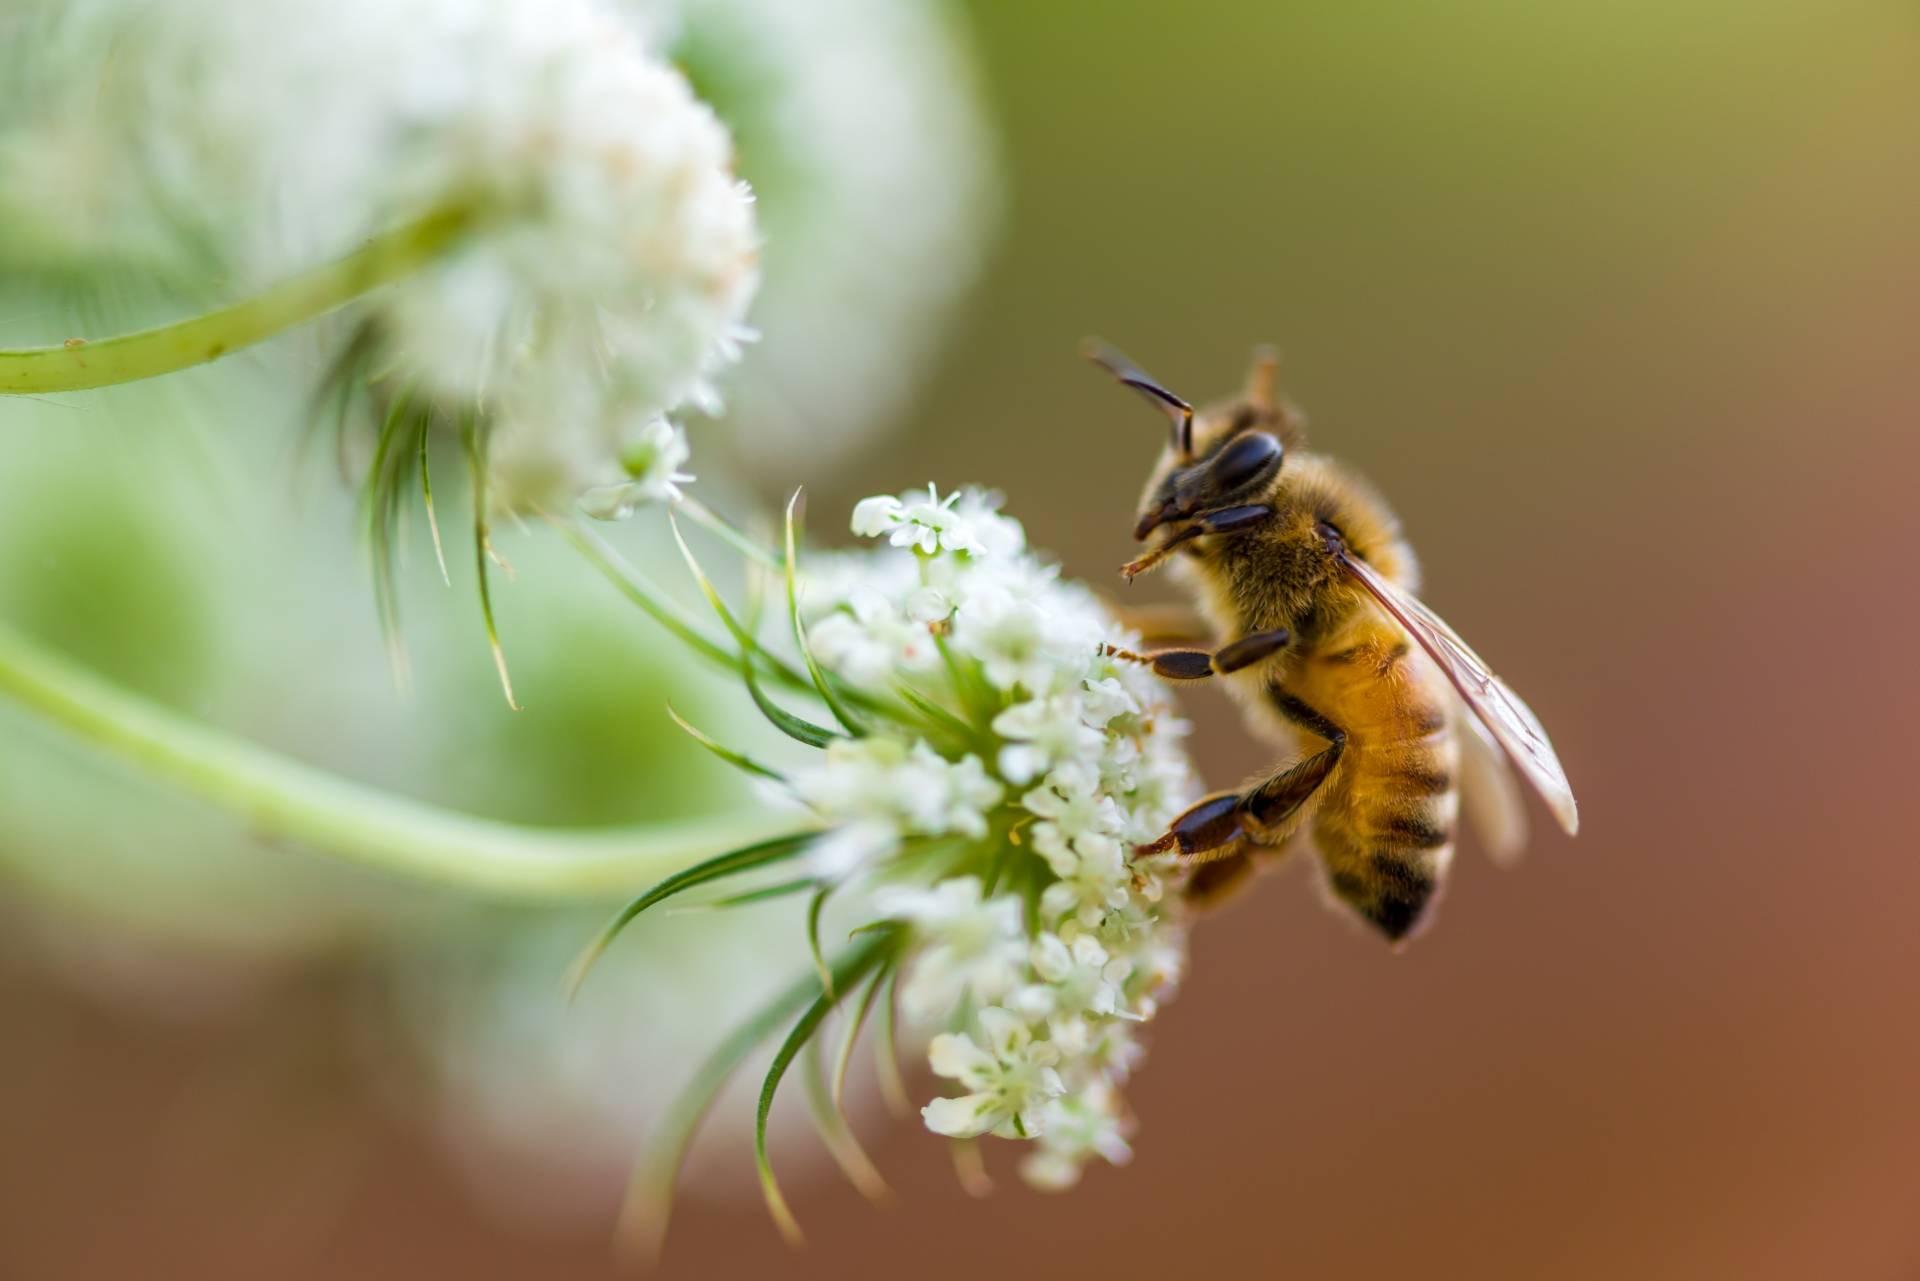 Rośliny miododajne - jakie posadzić w ogródku? Pszczoła zbiera nektar z białego kwiatka.